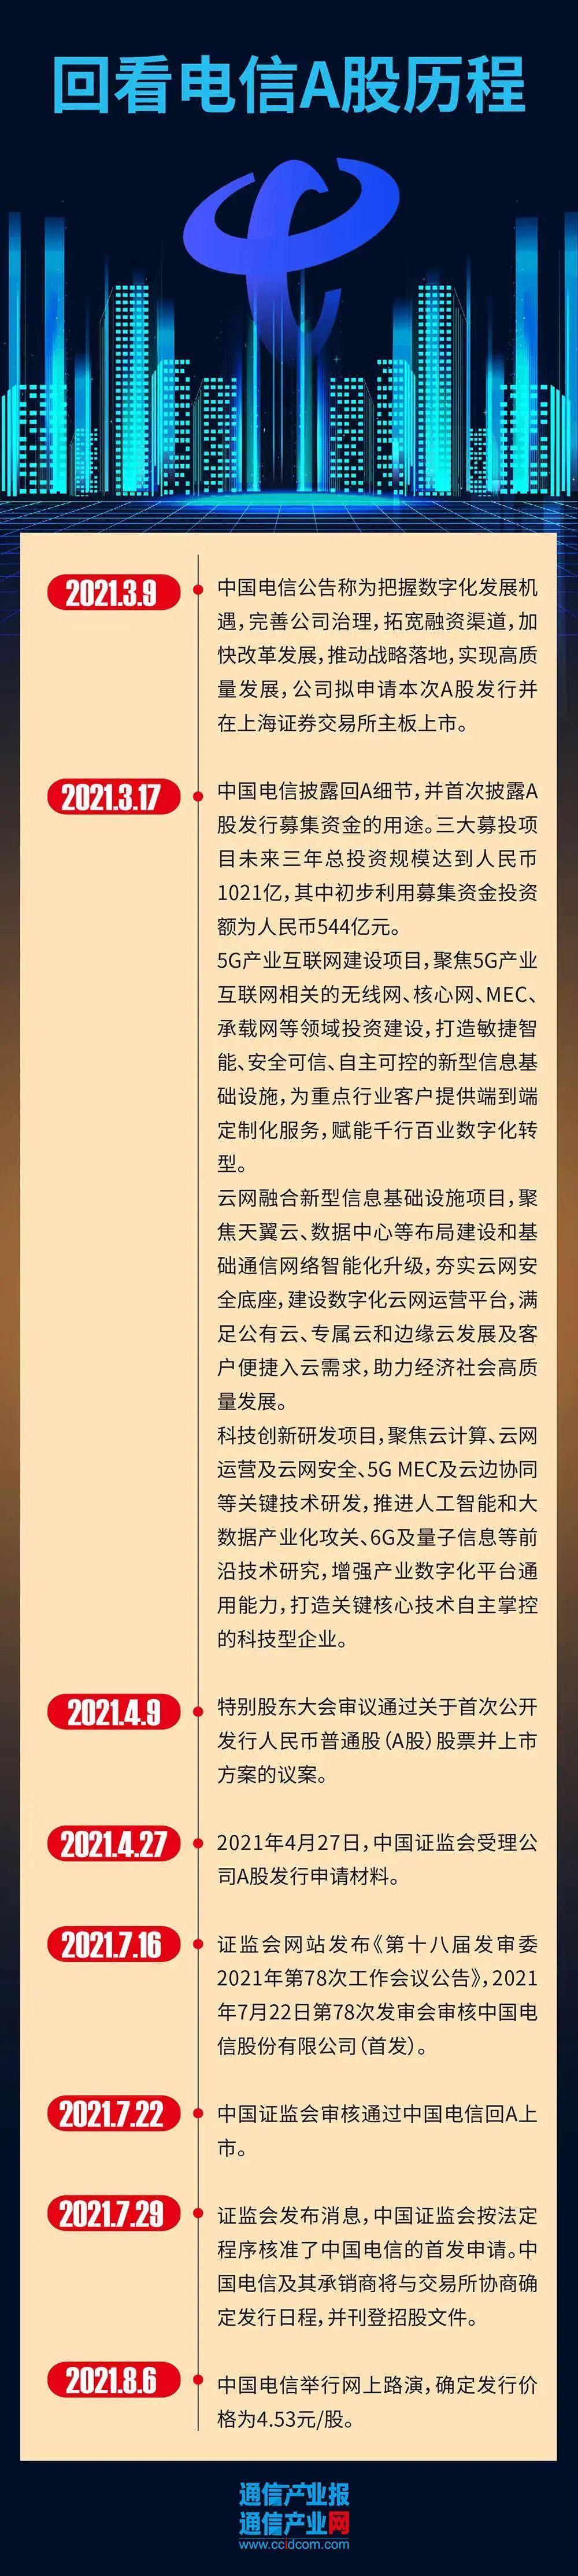 重磅:中国电信A股成功登陆